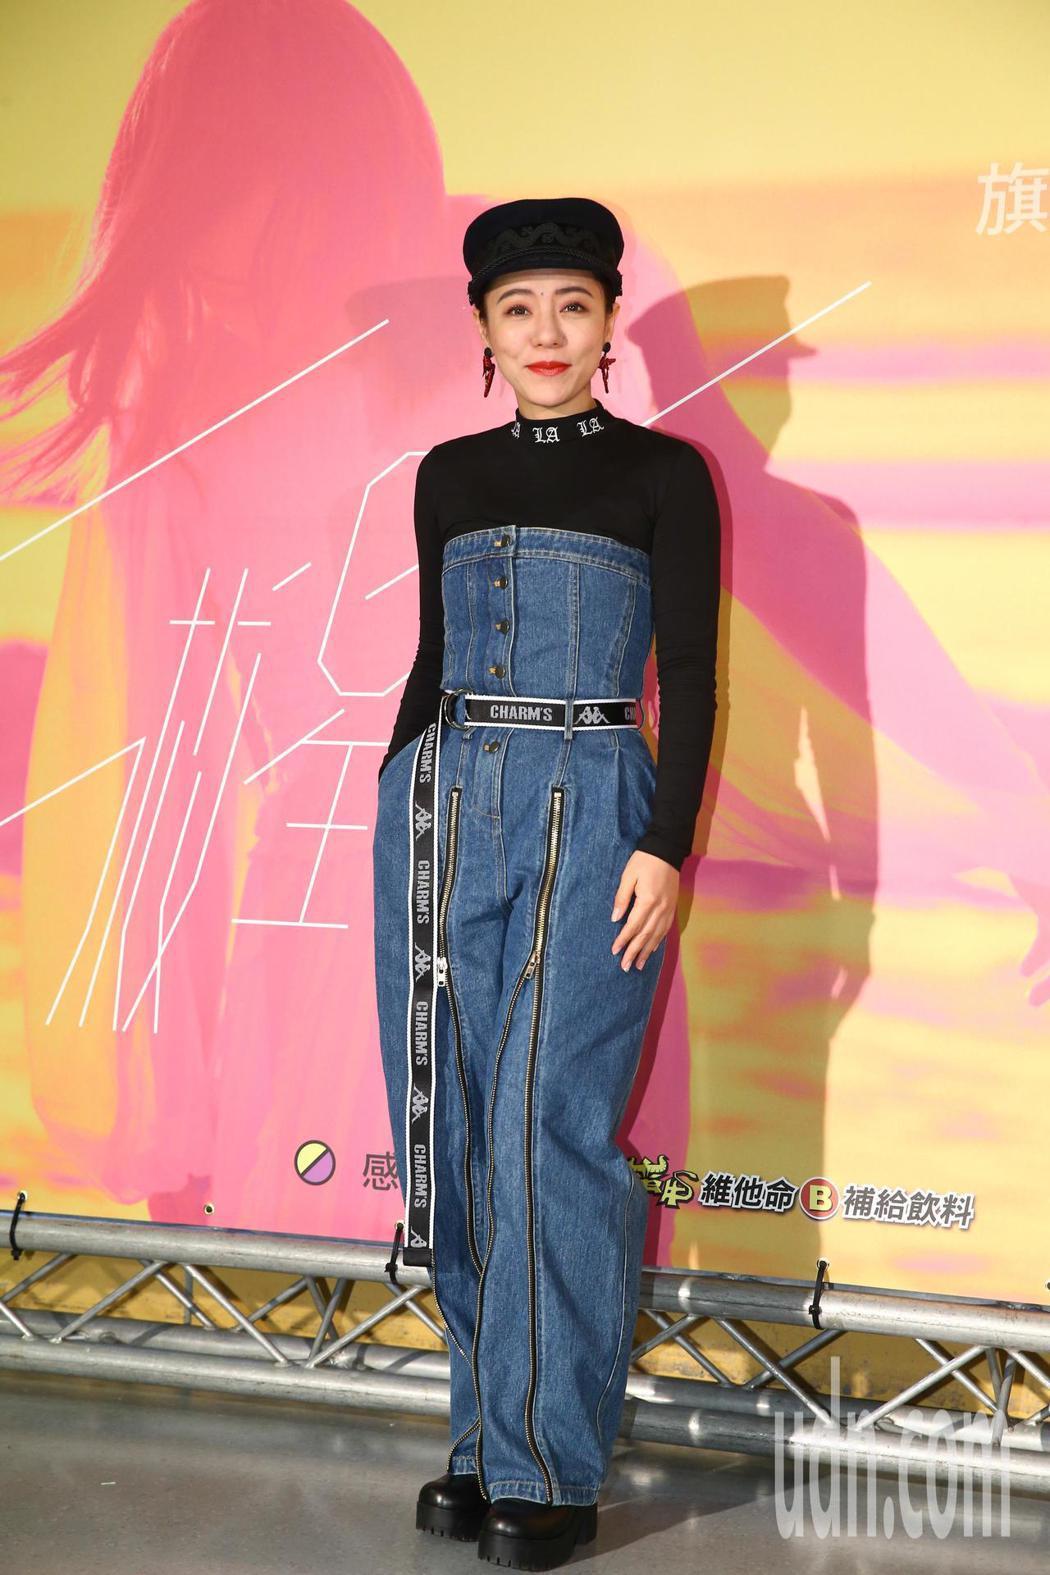 金曲歌后徐佳瑩下午在小巨蛋繼續開唱,藝人丁噹(圖)出席。記者葉信菉/攝影